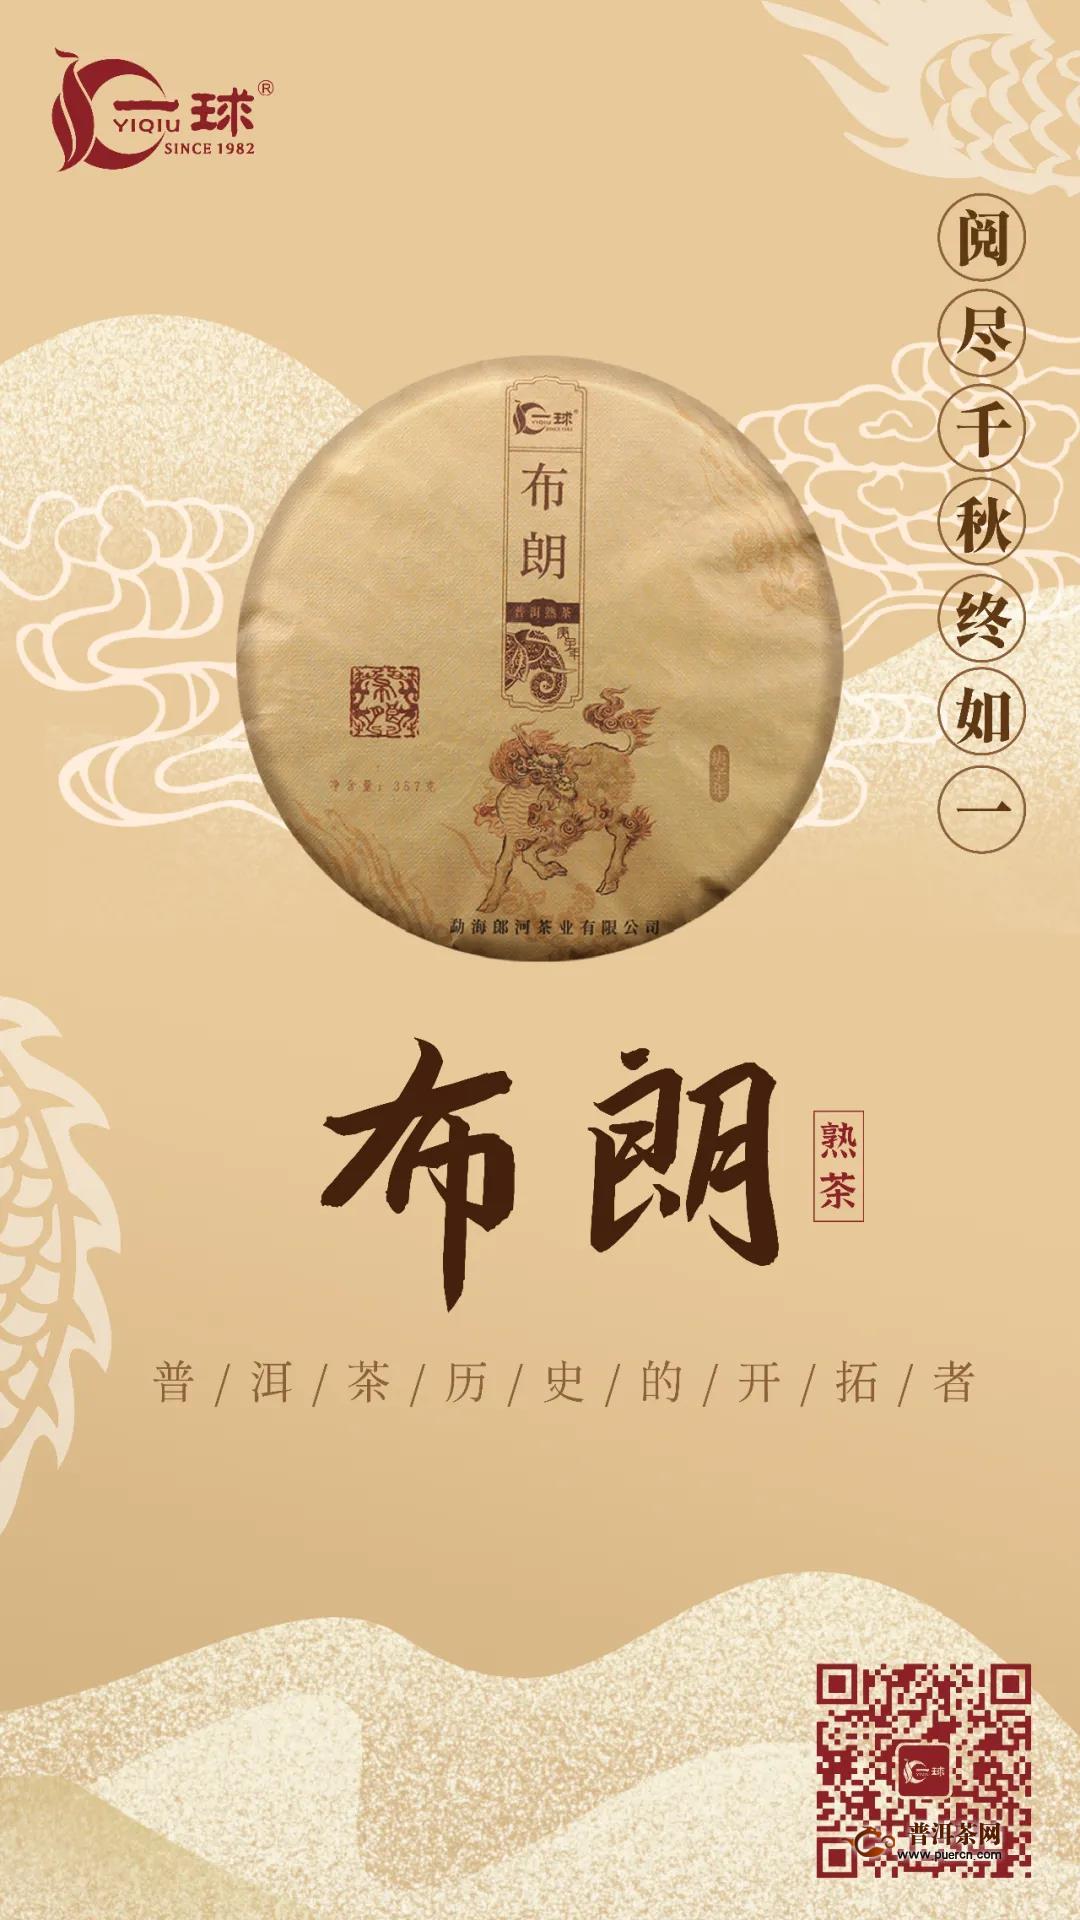 """熟茶经典,传世浓情:一球茶业首款""""布朗·熟""""即将面世"""